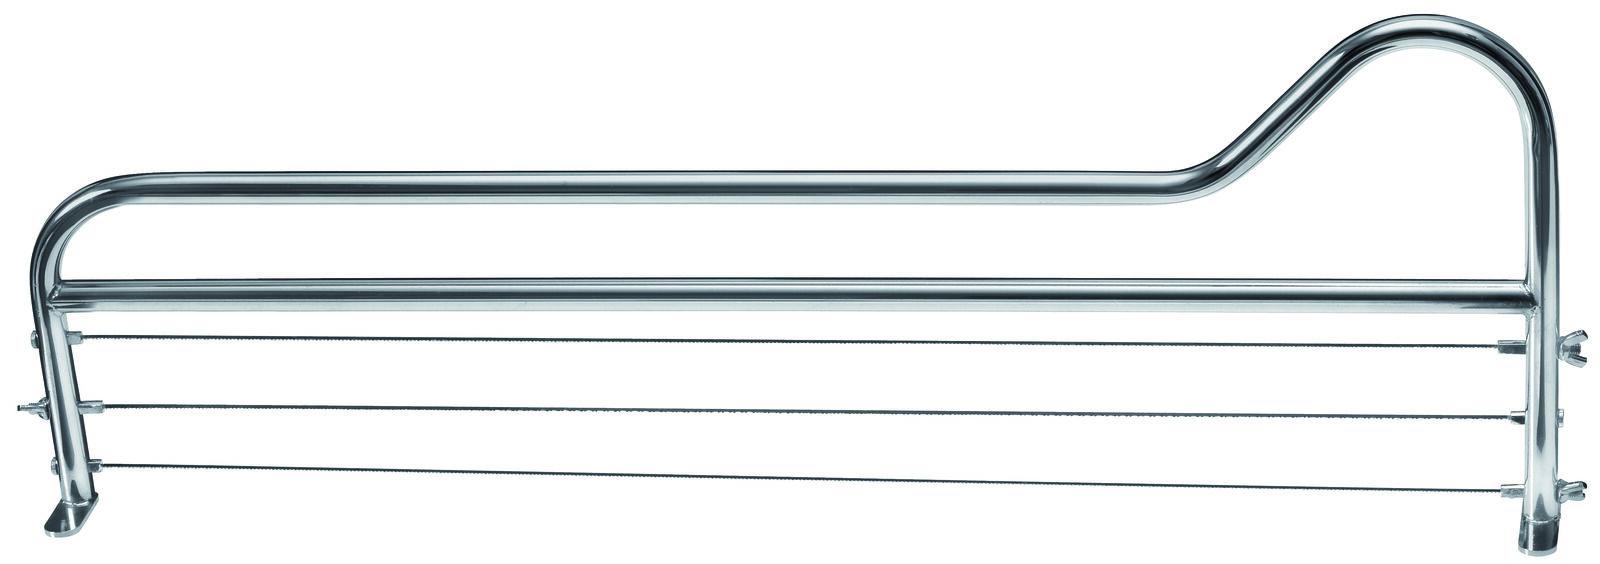 Tortenteiler  Tortenbodenaufschneider    Tortnenbodenteiler  Kuchenschneider 72 cm   Haltbarer Service  3afd01